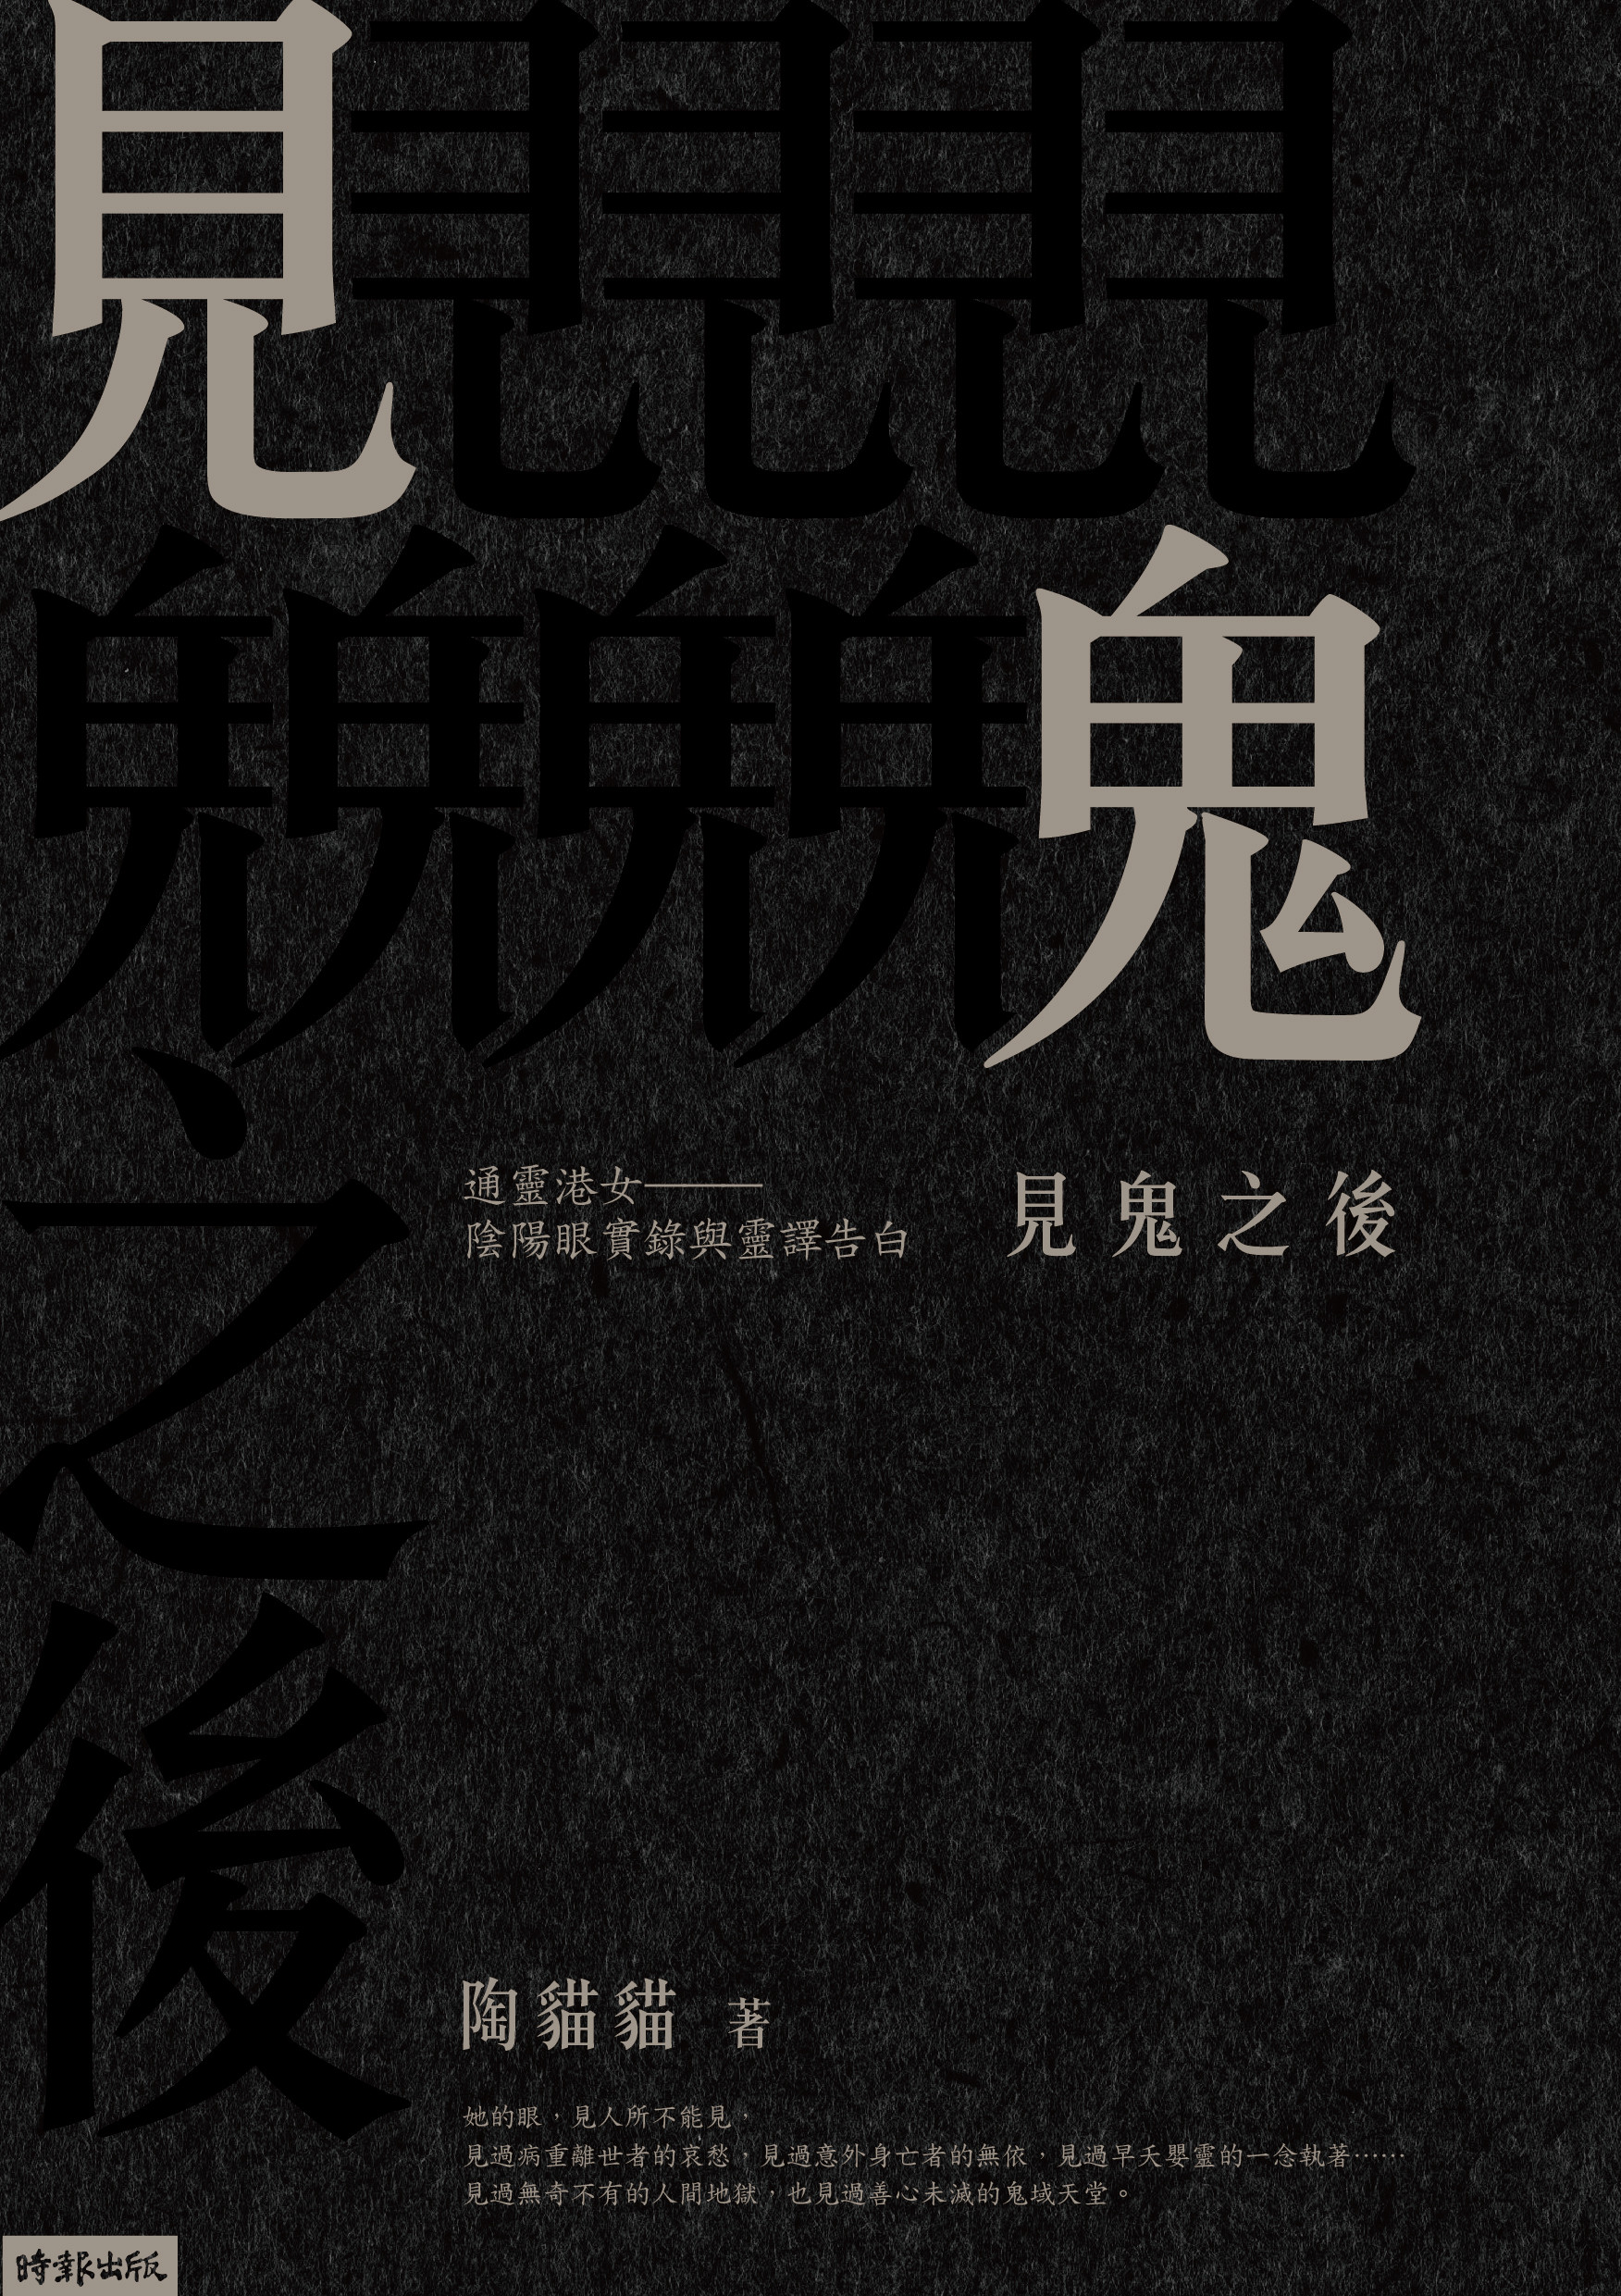 ▲見鬼之後:通靈港女陰陽眼實錄與靈譯告白。(圖/時報出版提供)